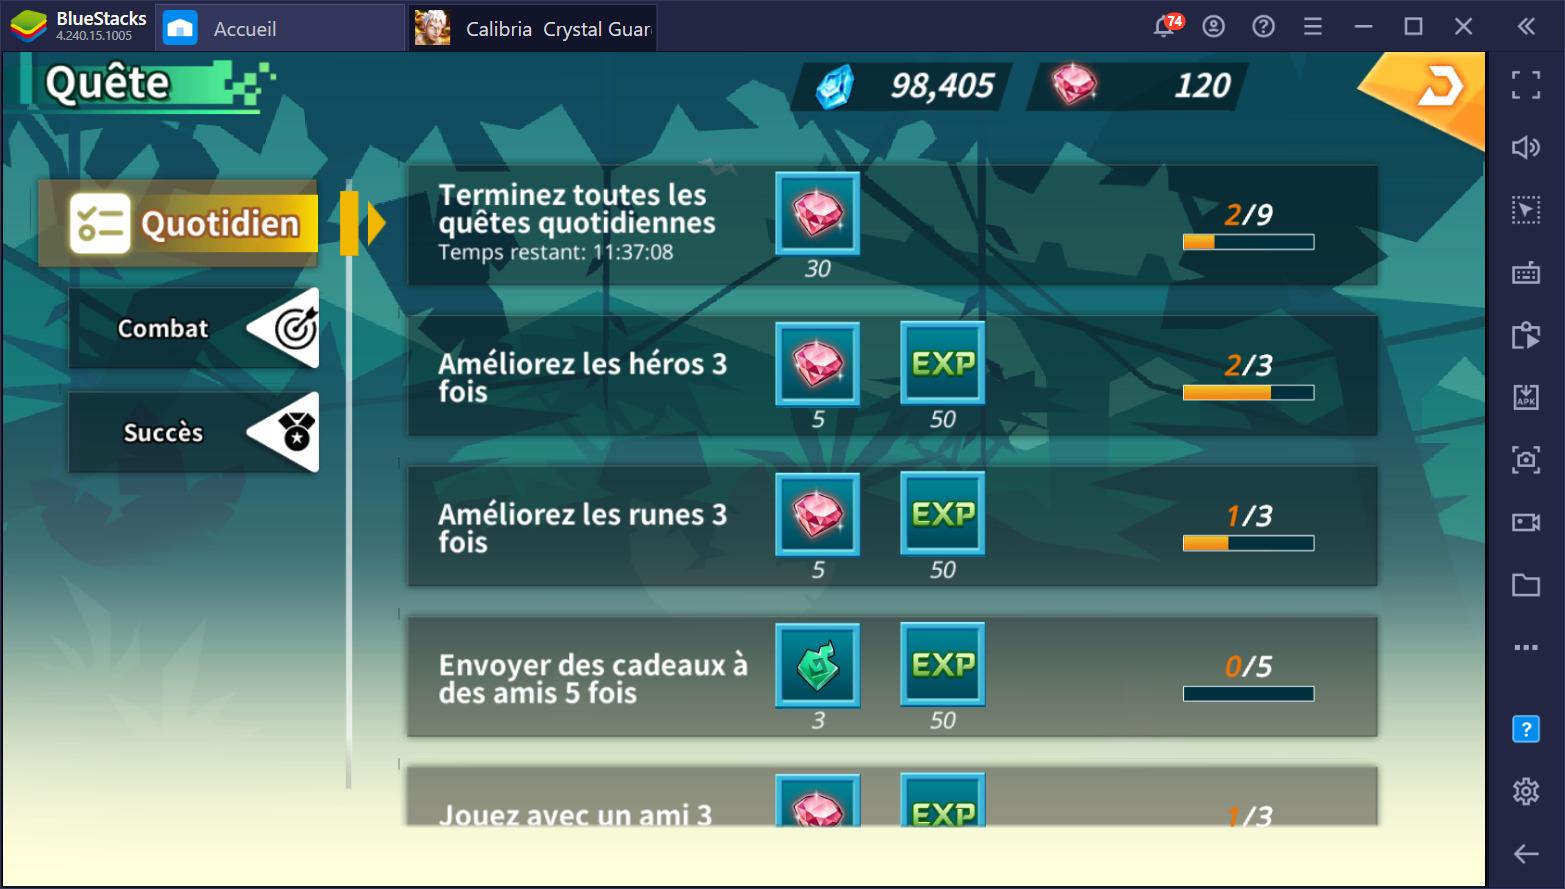 Calibria: Crystal Guardians – liste des tâches quotidiennes pour les joueurs actifs